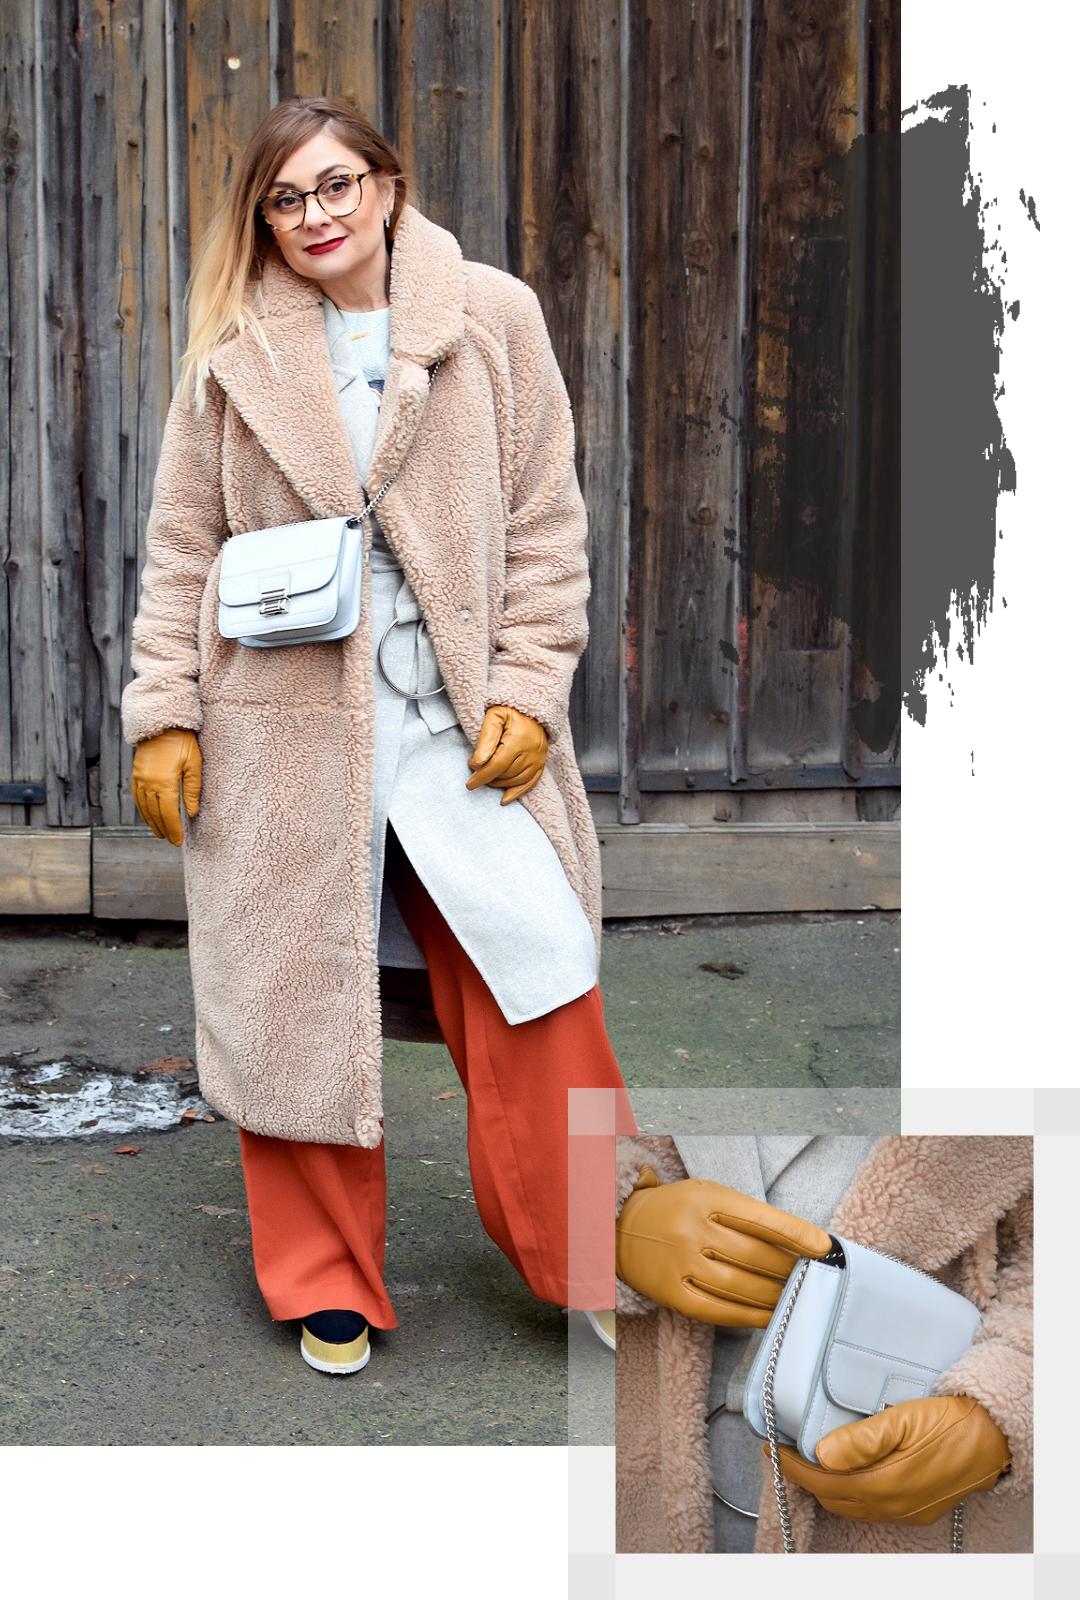 Modisches Outfit für kaltes Wetter, Modeinspiration für Frauen ab 40